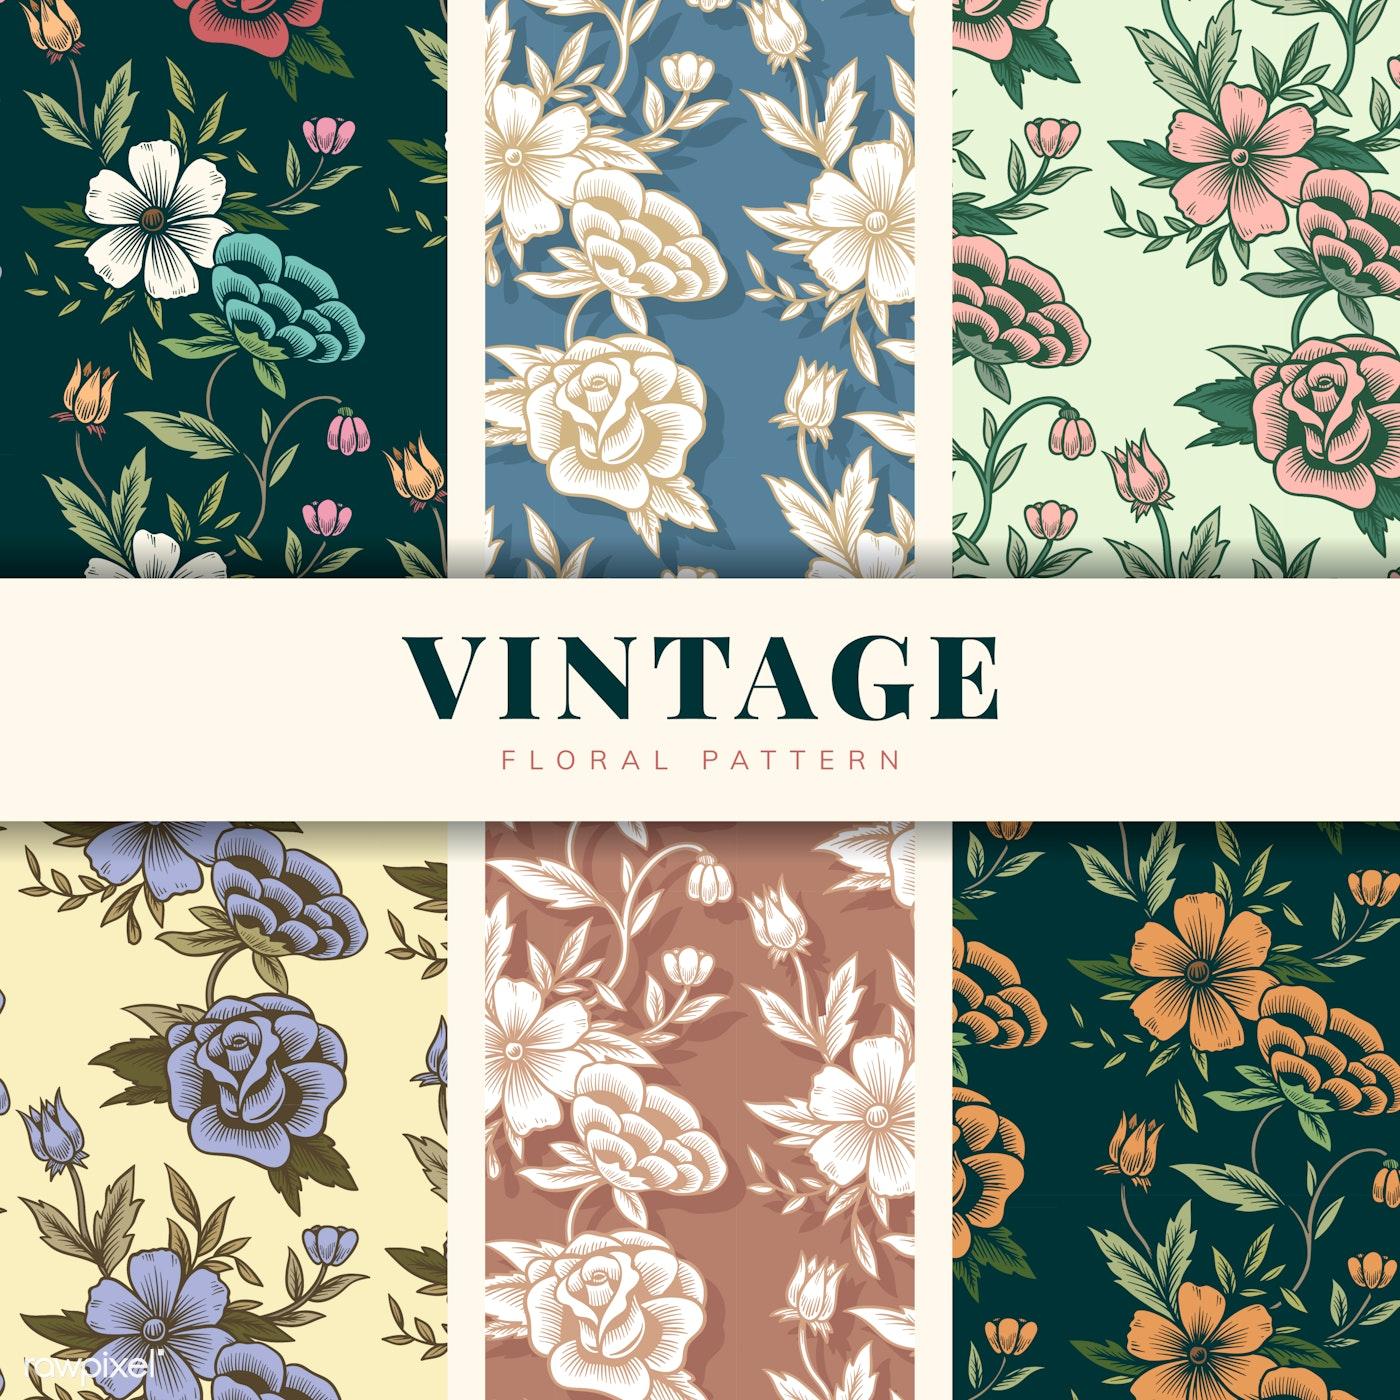 Vintage Floral Pattern Set Free Vector 558201